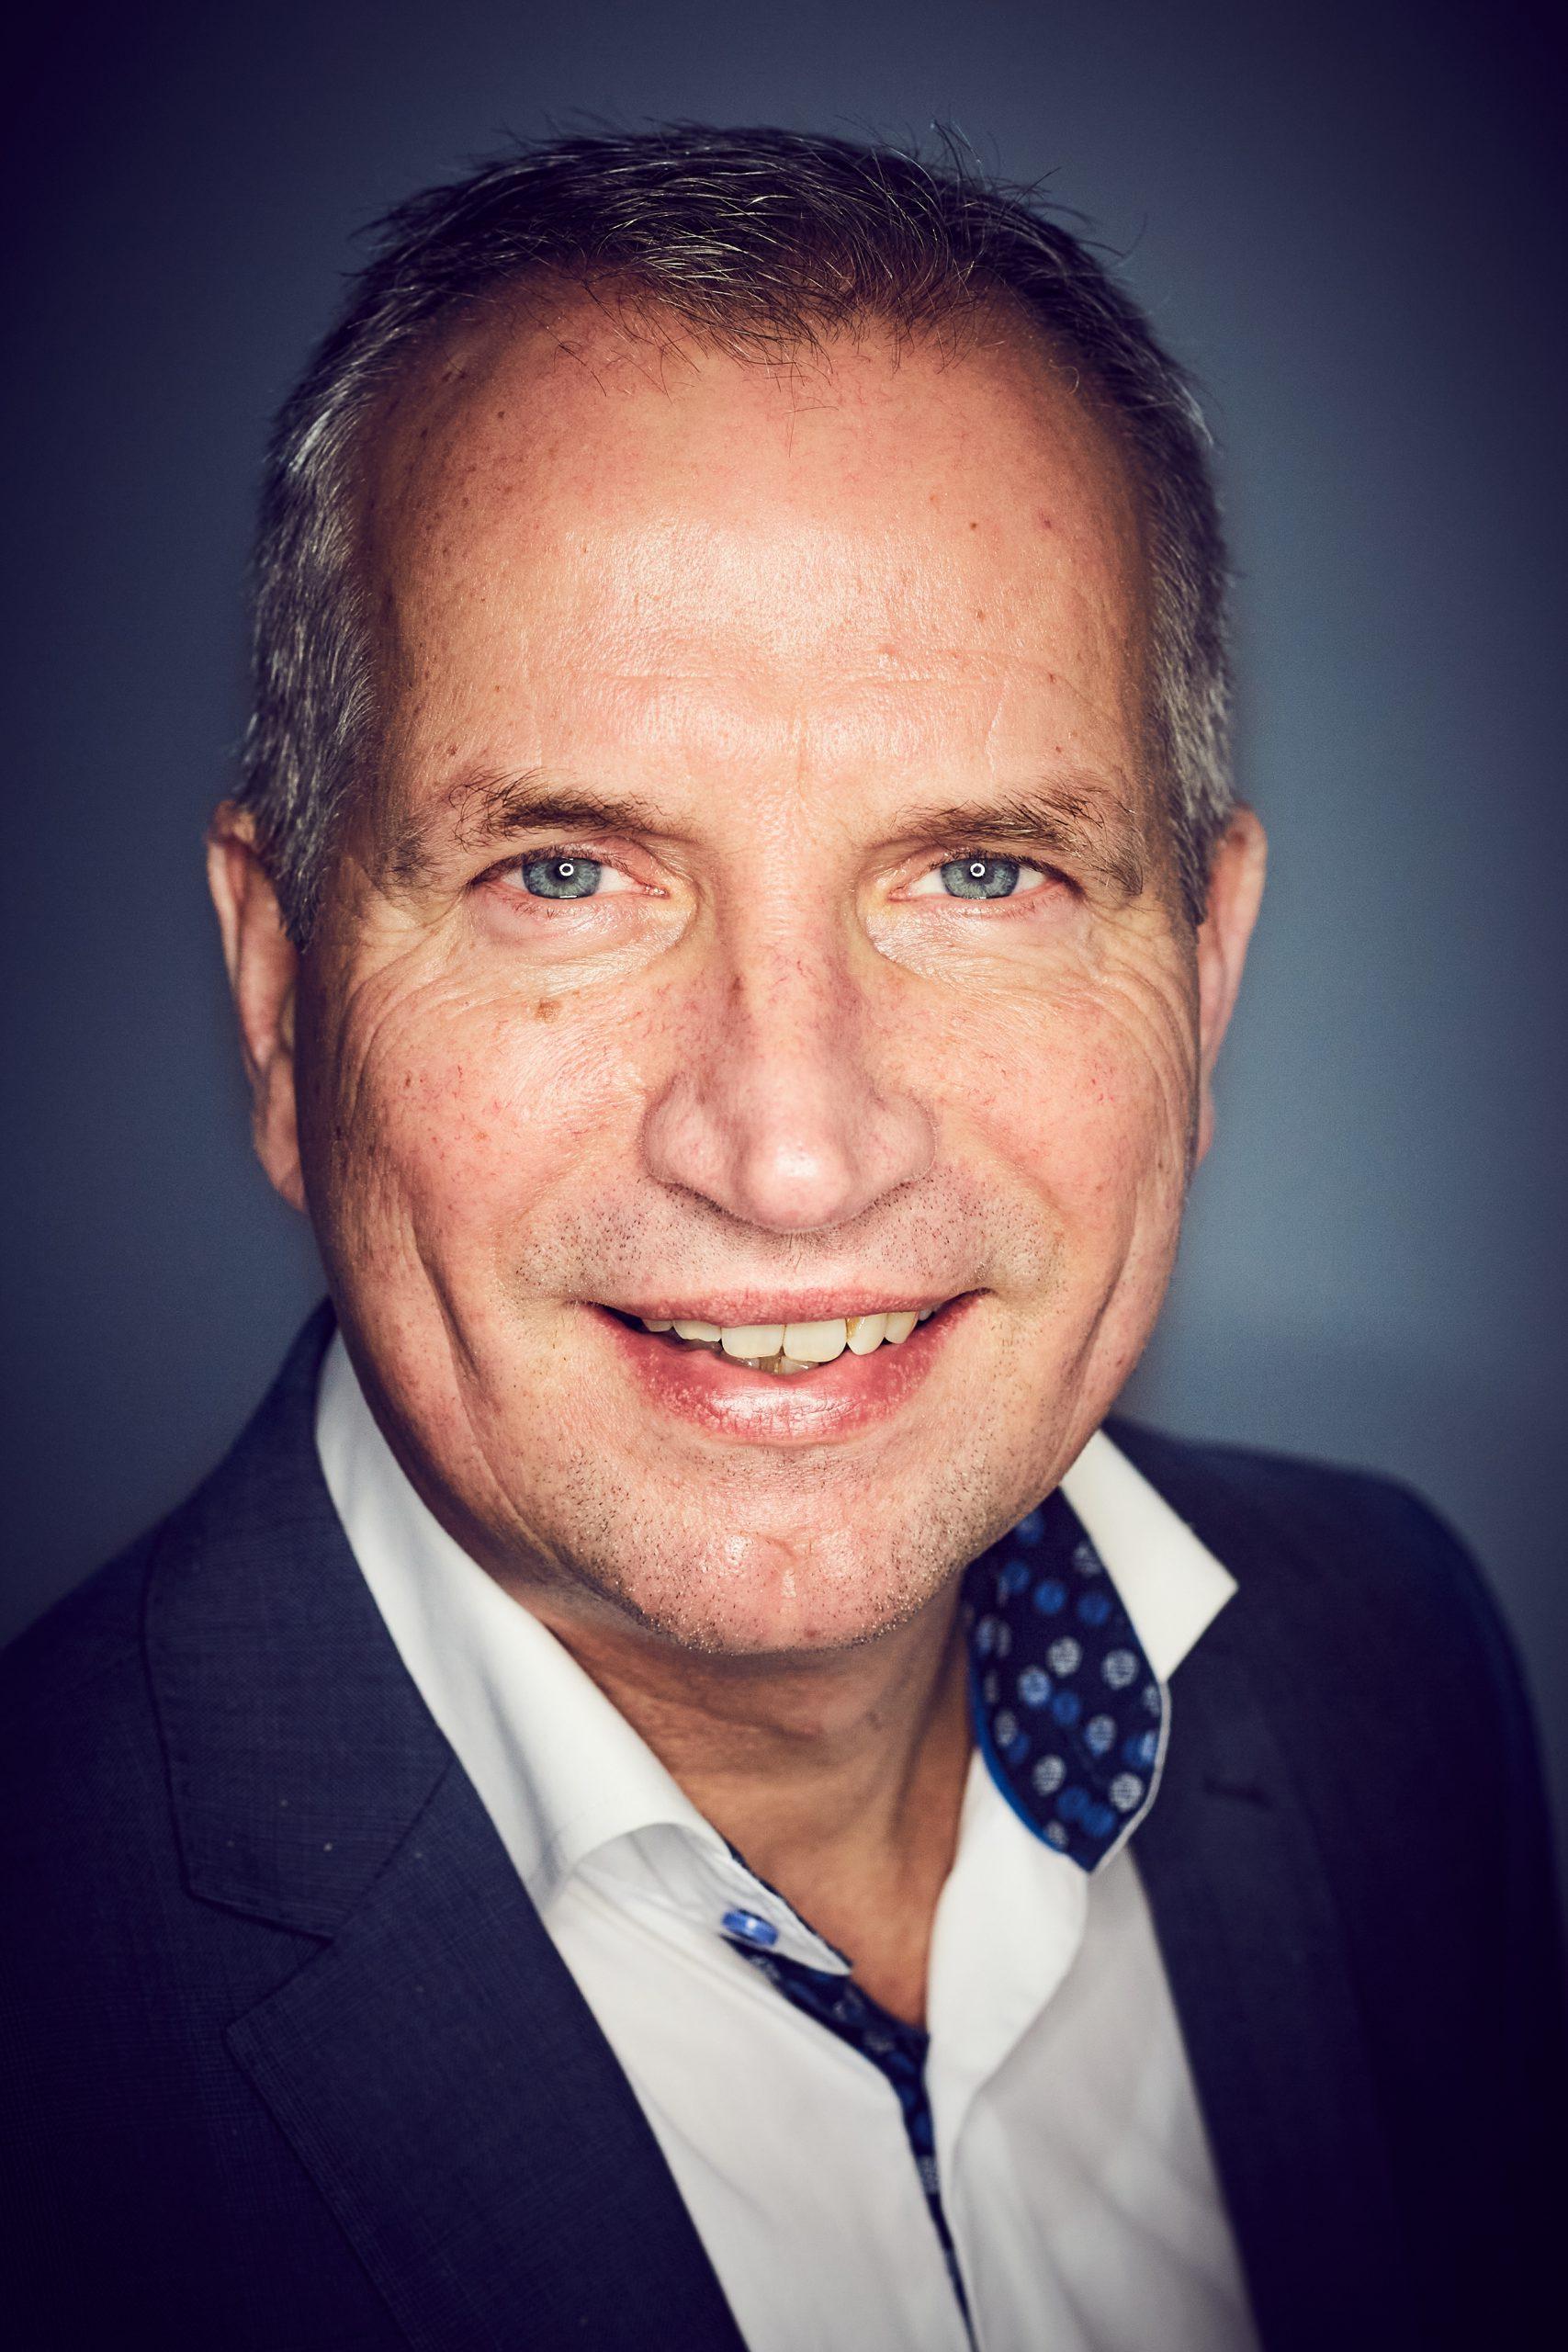 Gerard van Santen